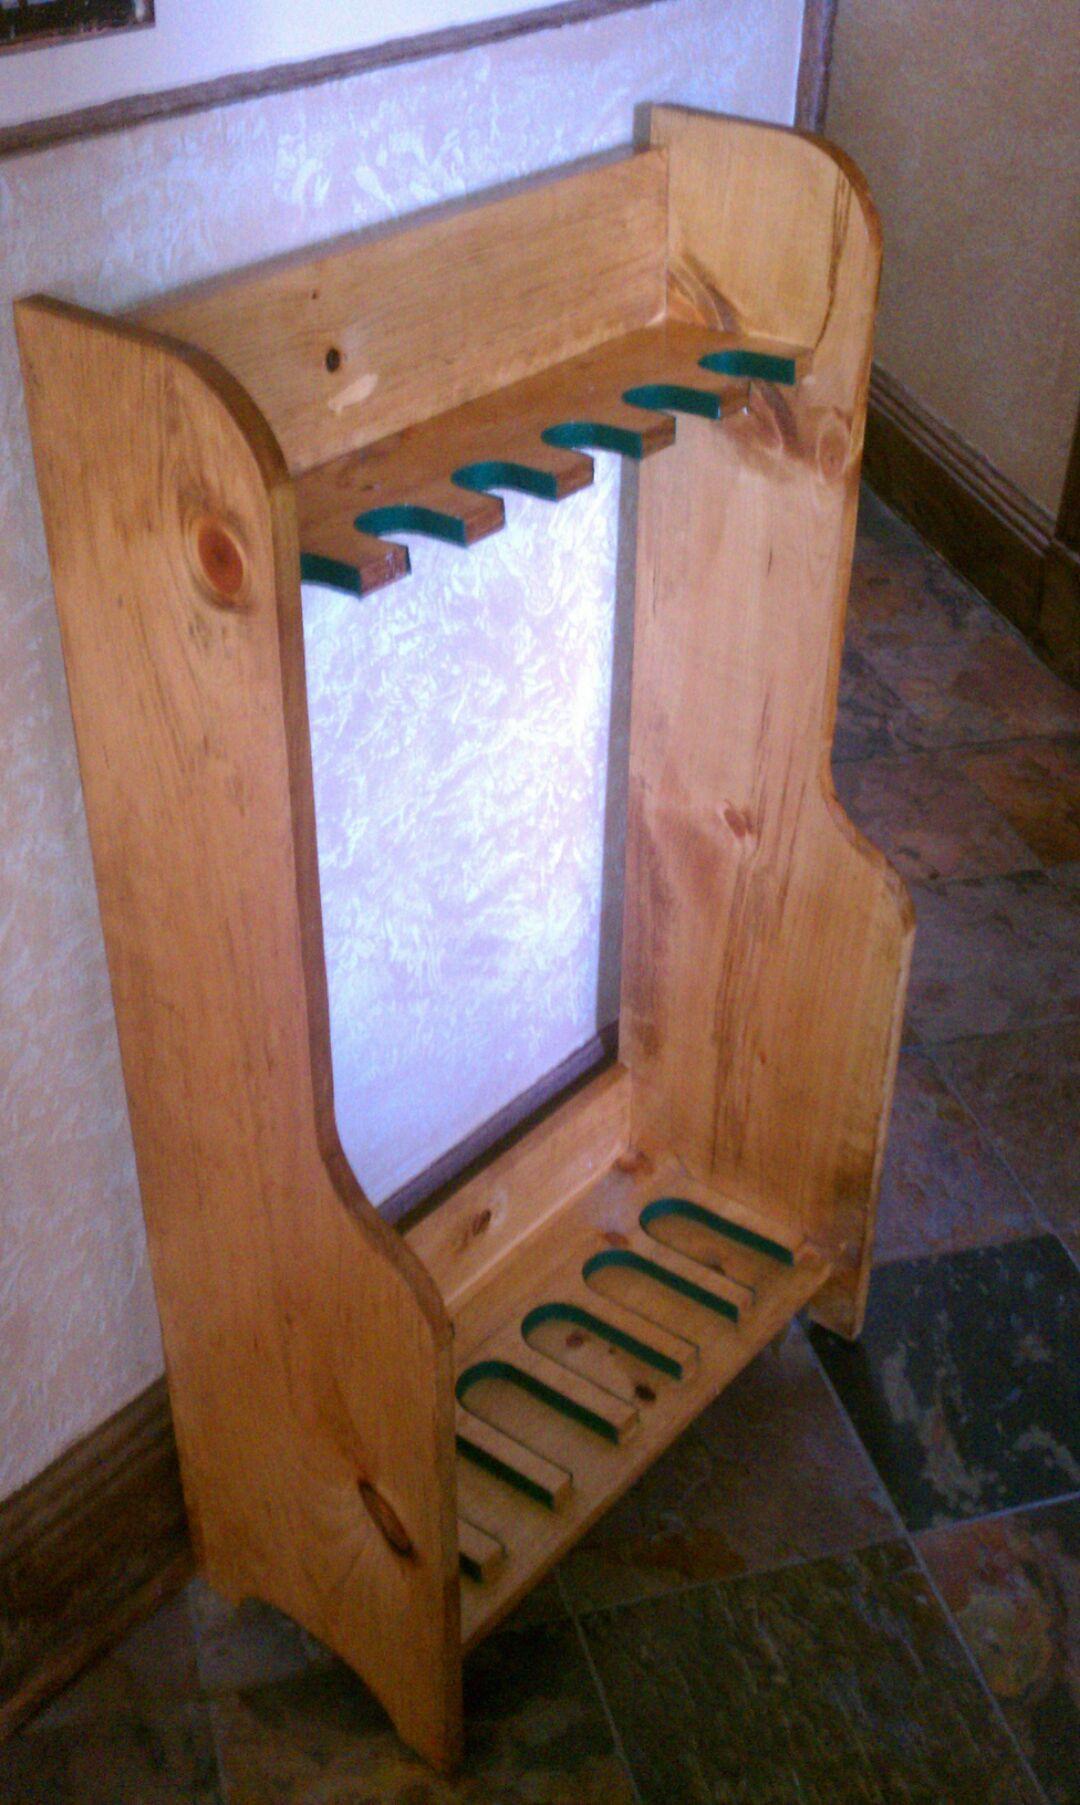 DIY Vertical Gun Rack  Gun rack made from old pallet